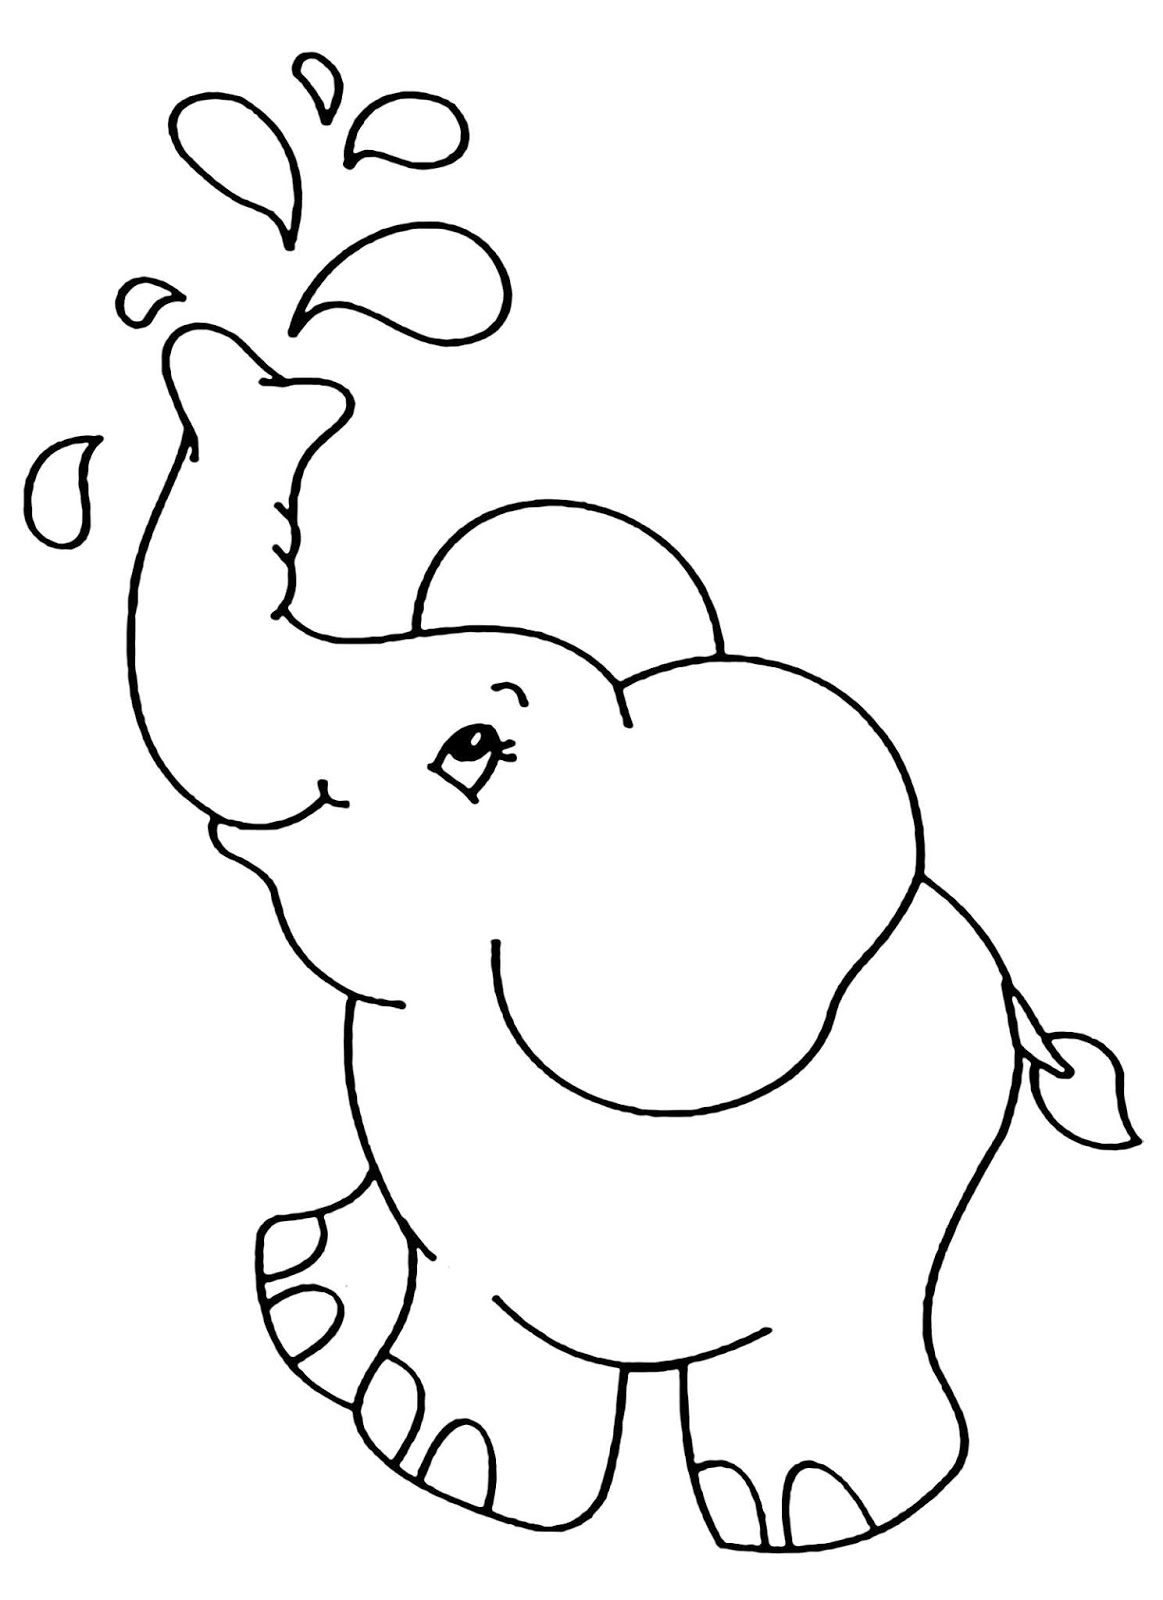 Tranh tô màu chú voi đang phun nước